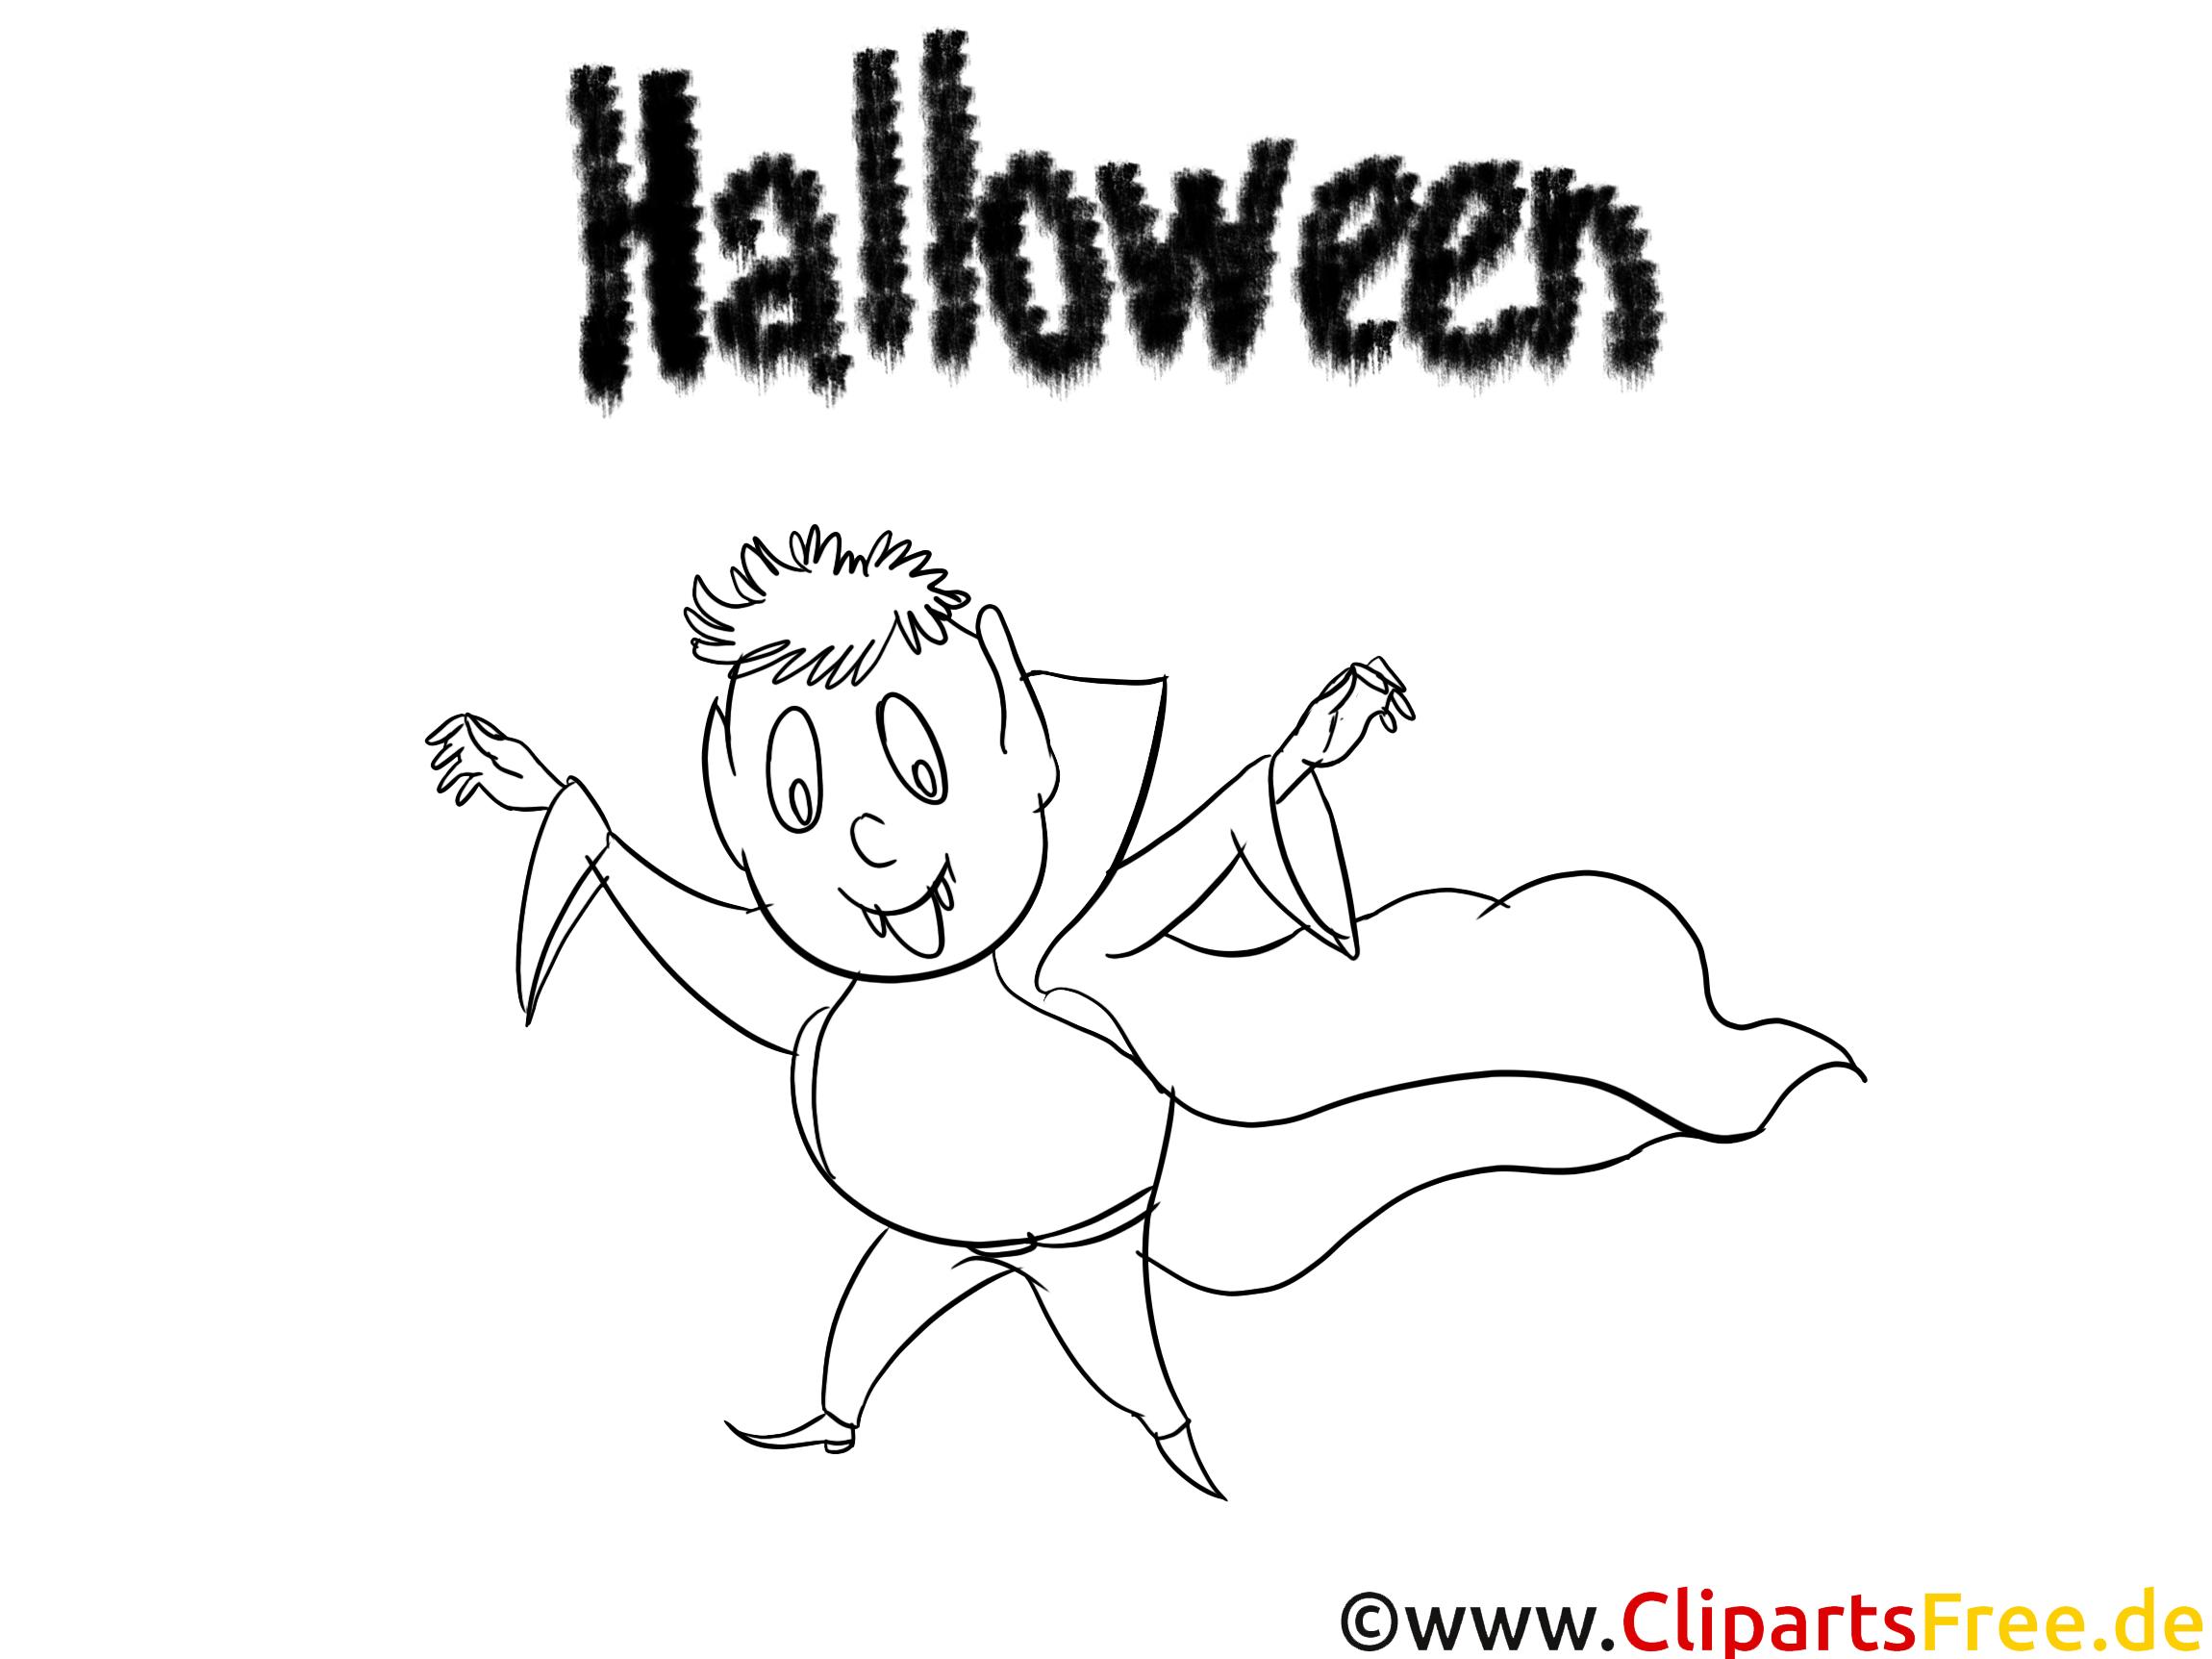 Malvorlagen von Halloween zum Ausdrucken